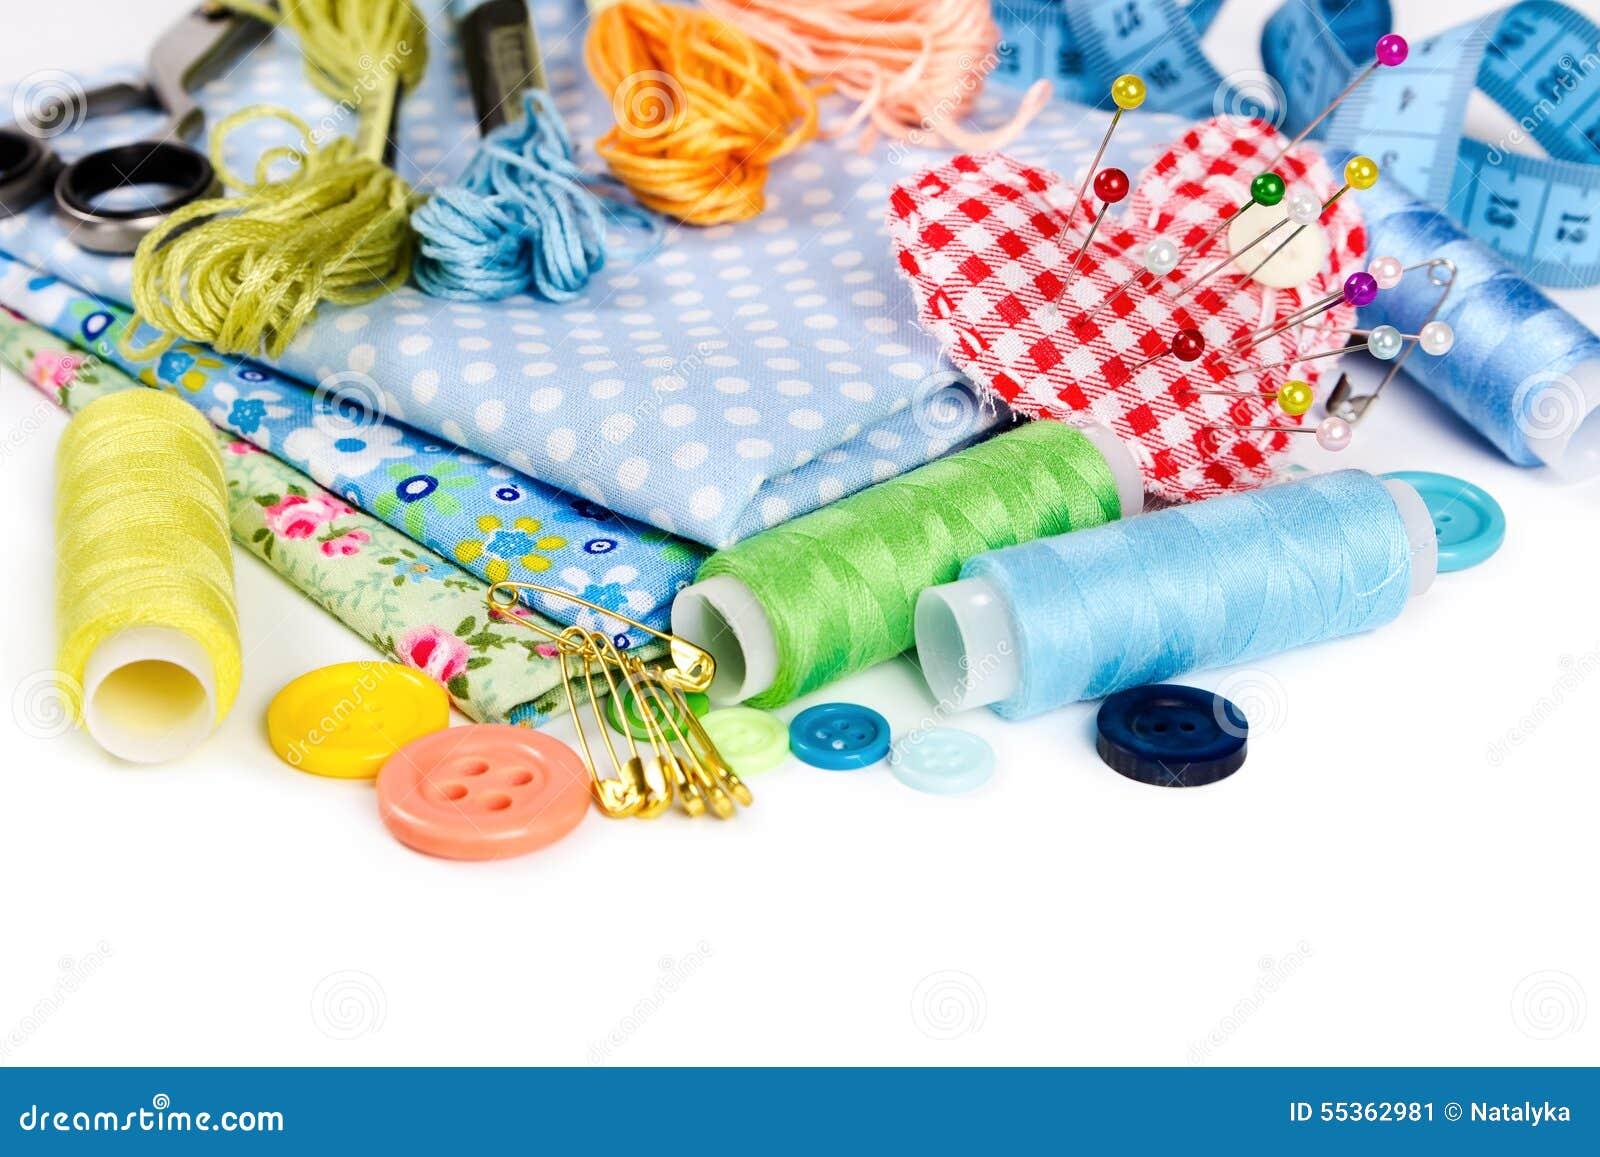 Materiali ed accessori per cucire